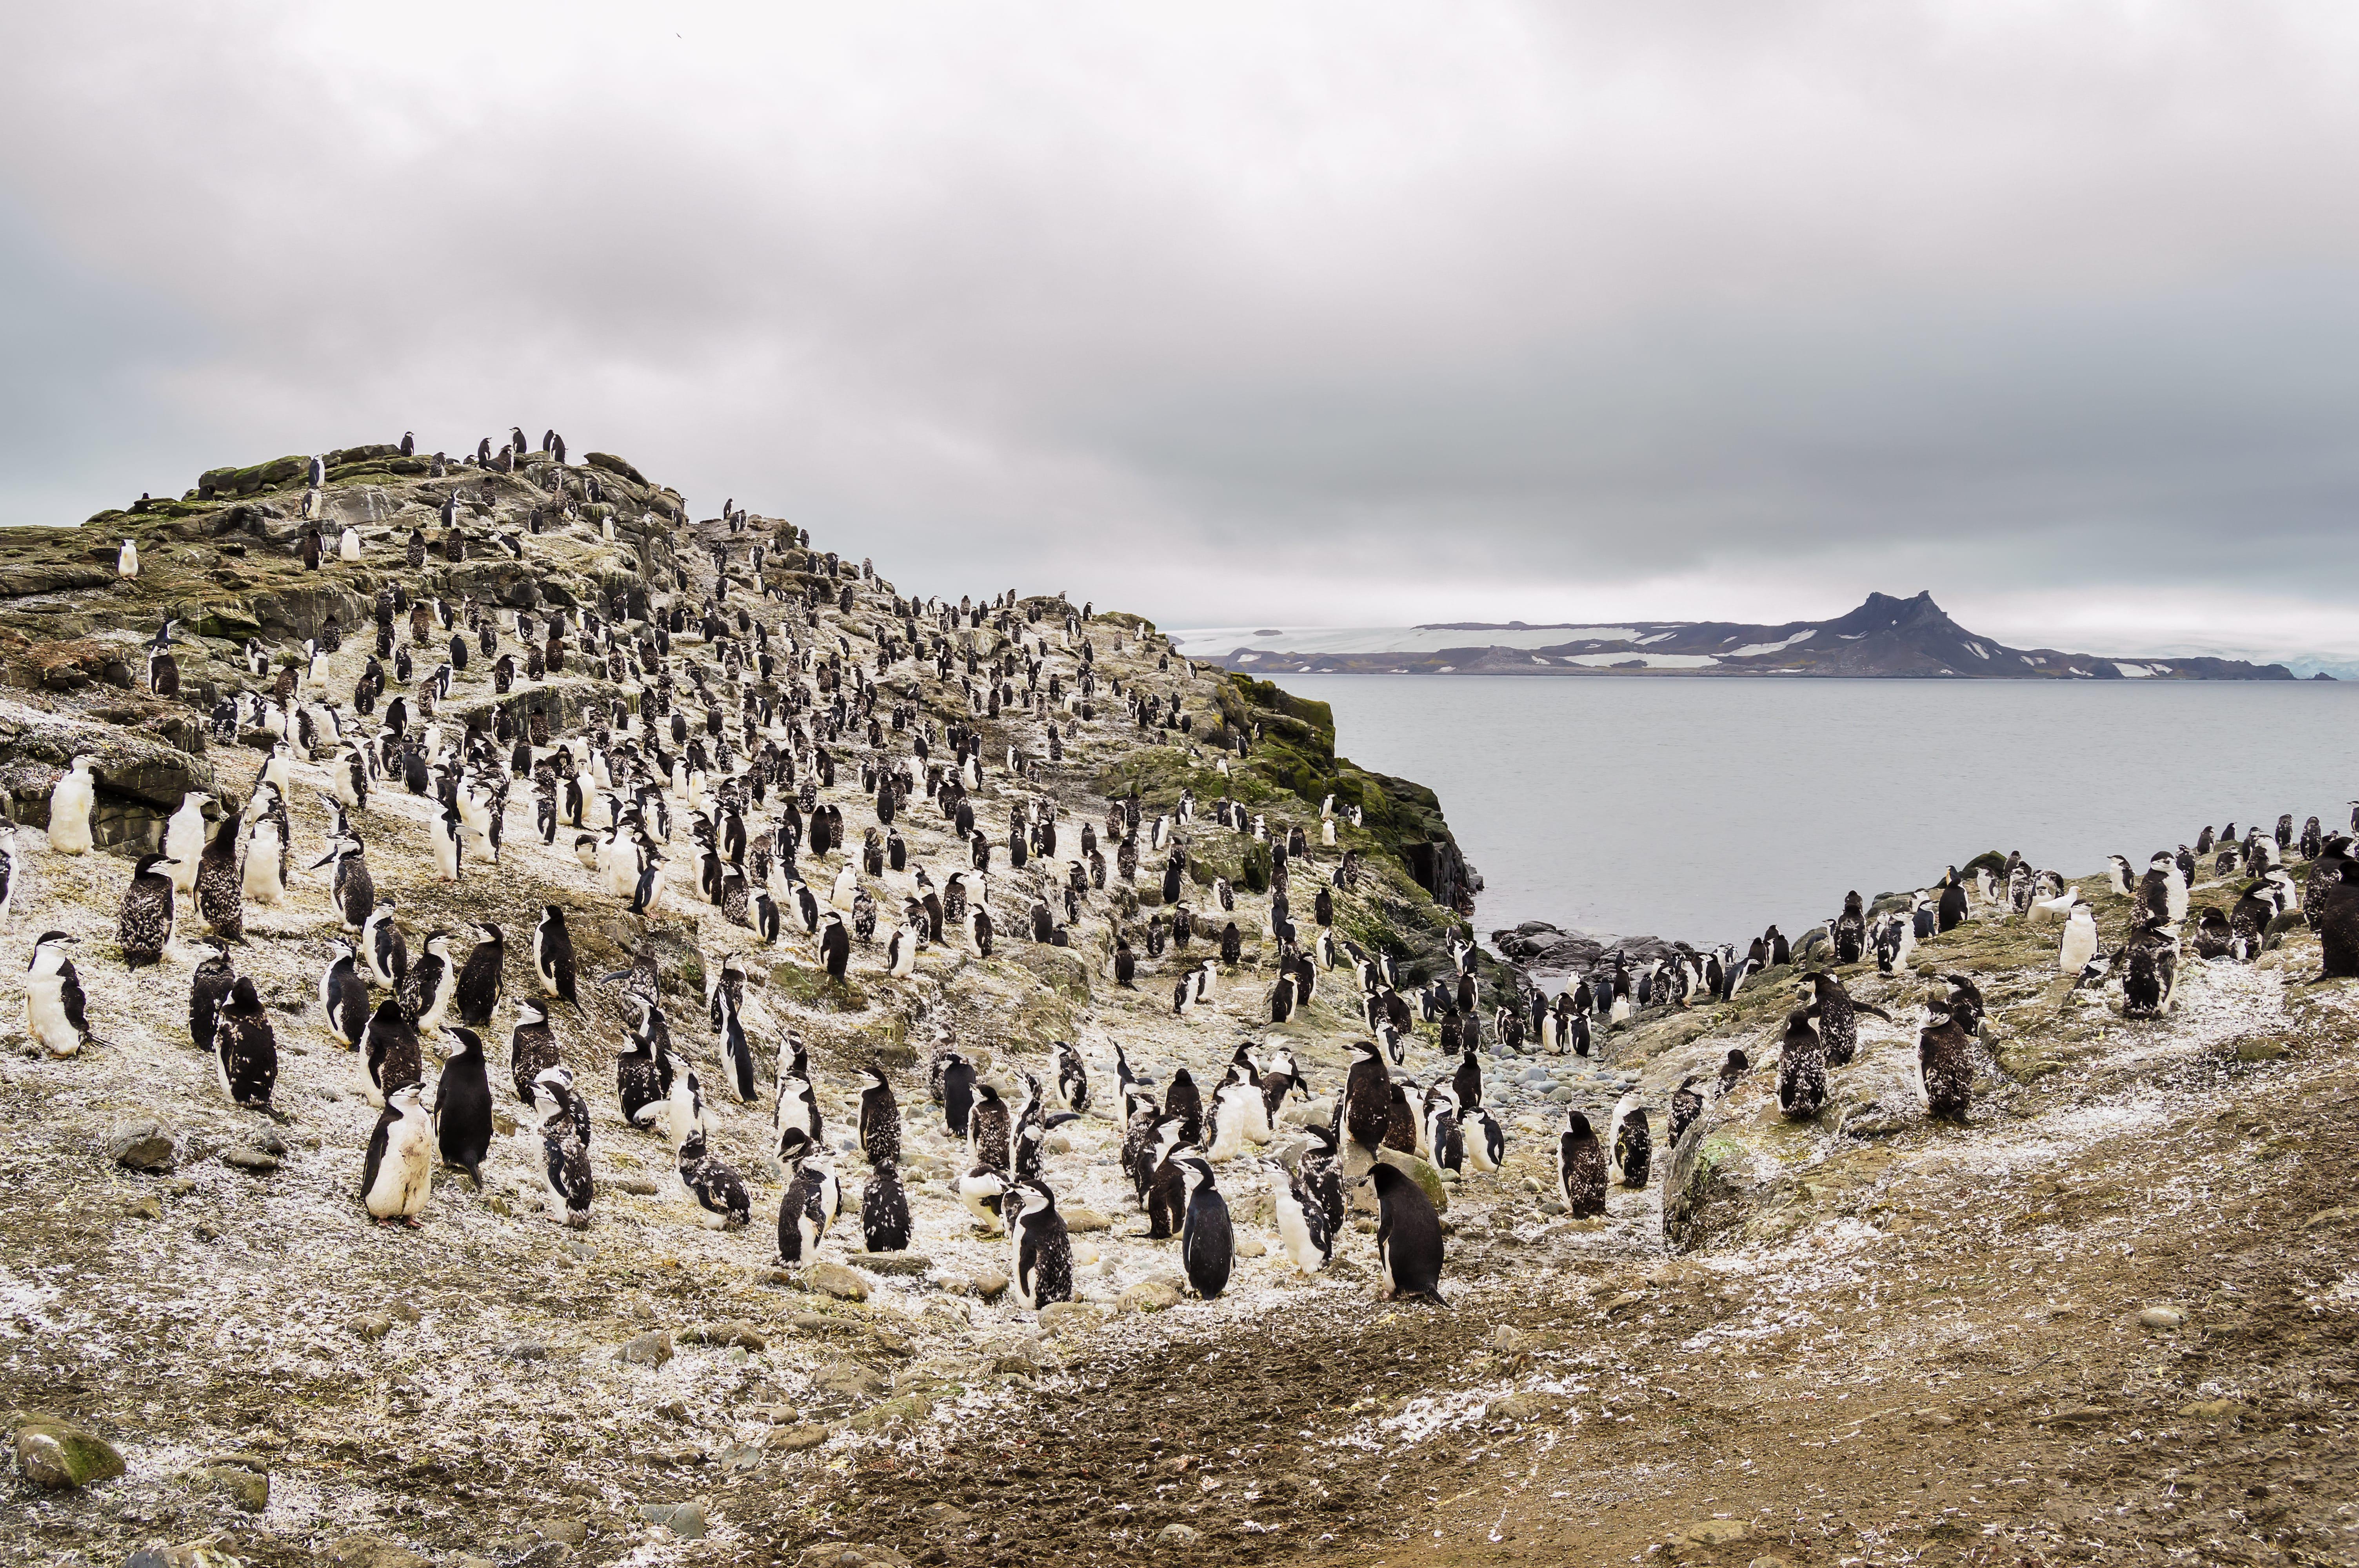 una colonia de pingüinos en la isla de barientos en la Antártida